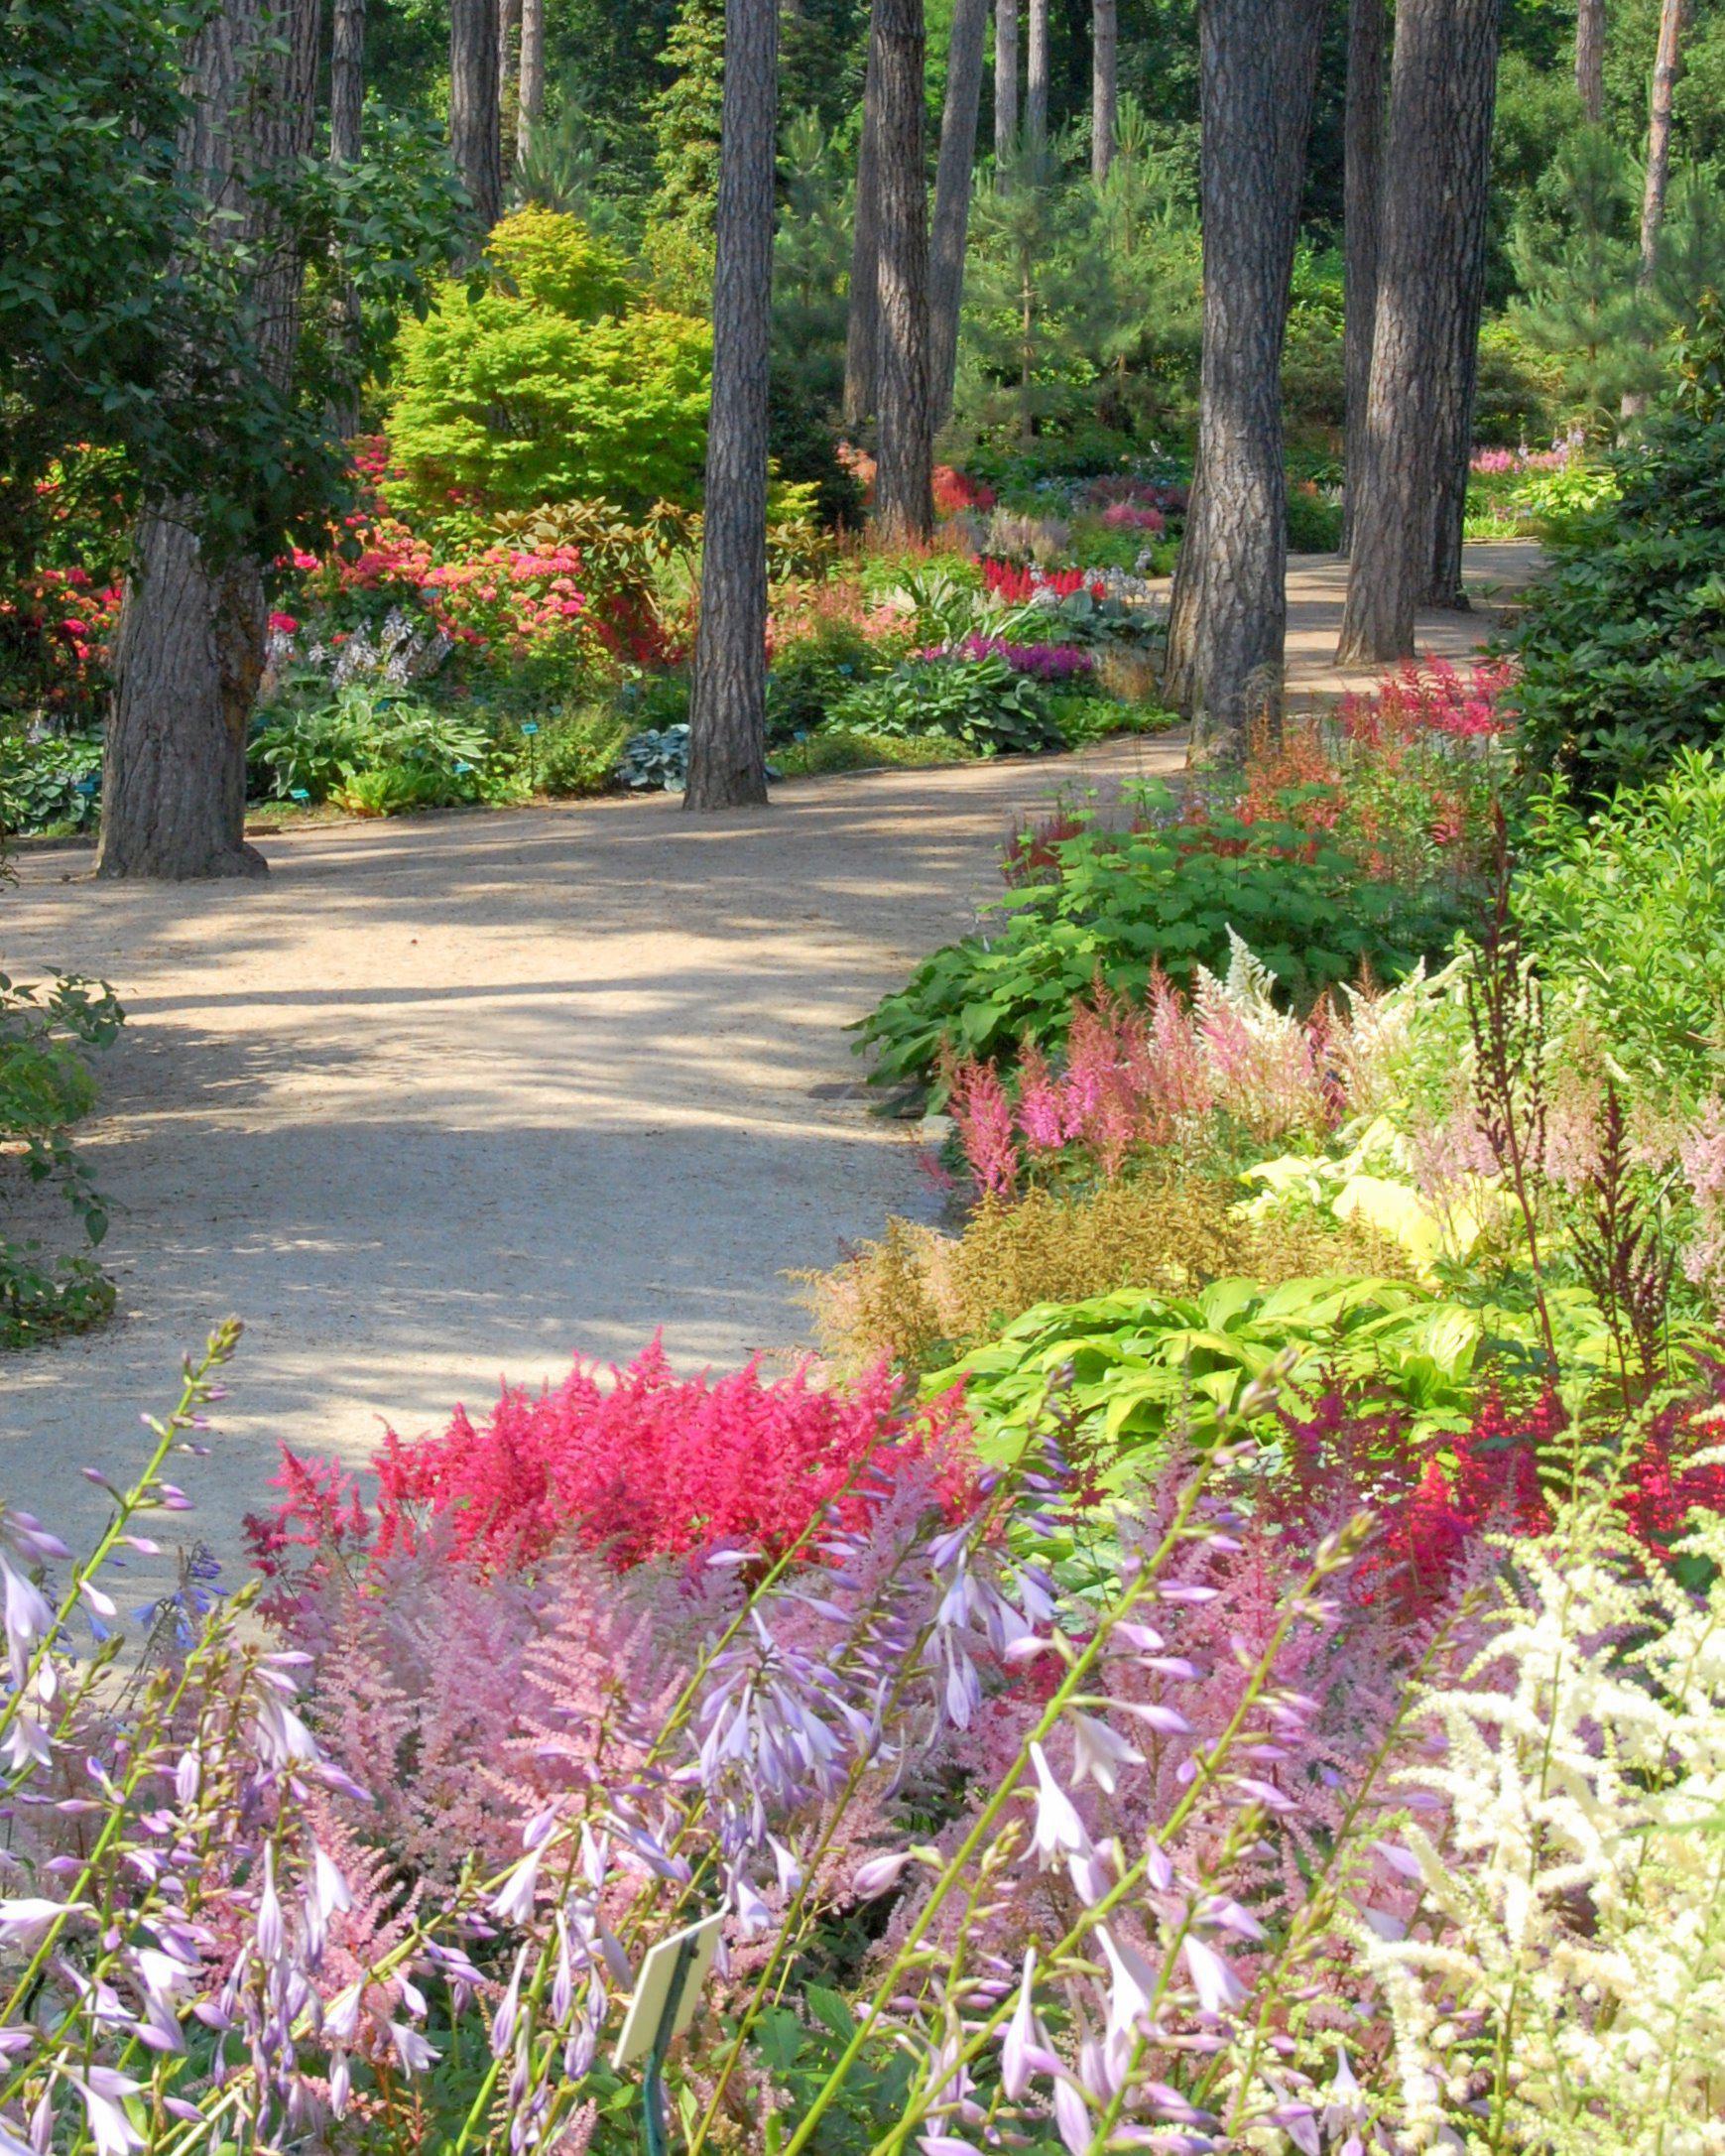 Parcs jardins botaniques arboretums paris 75 page 2 for Jardin botanique paris